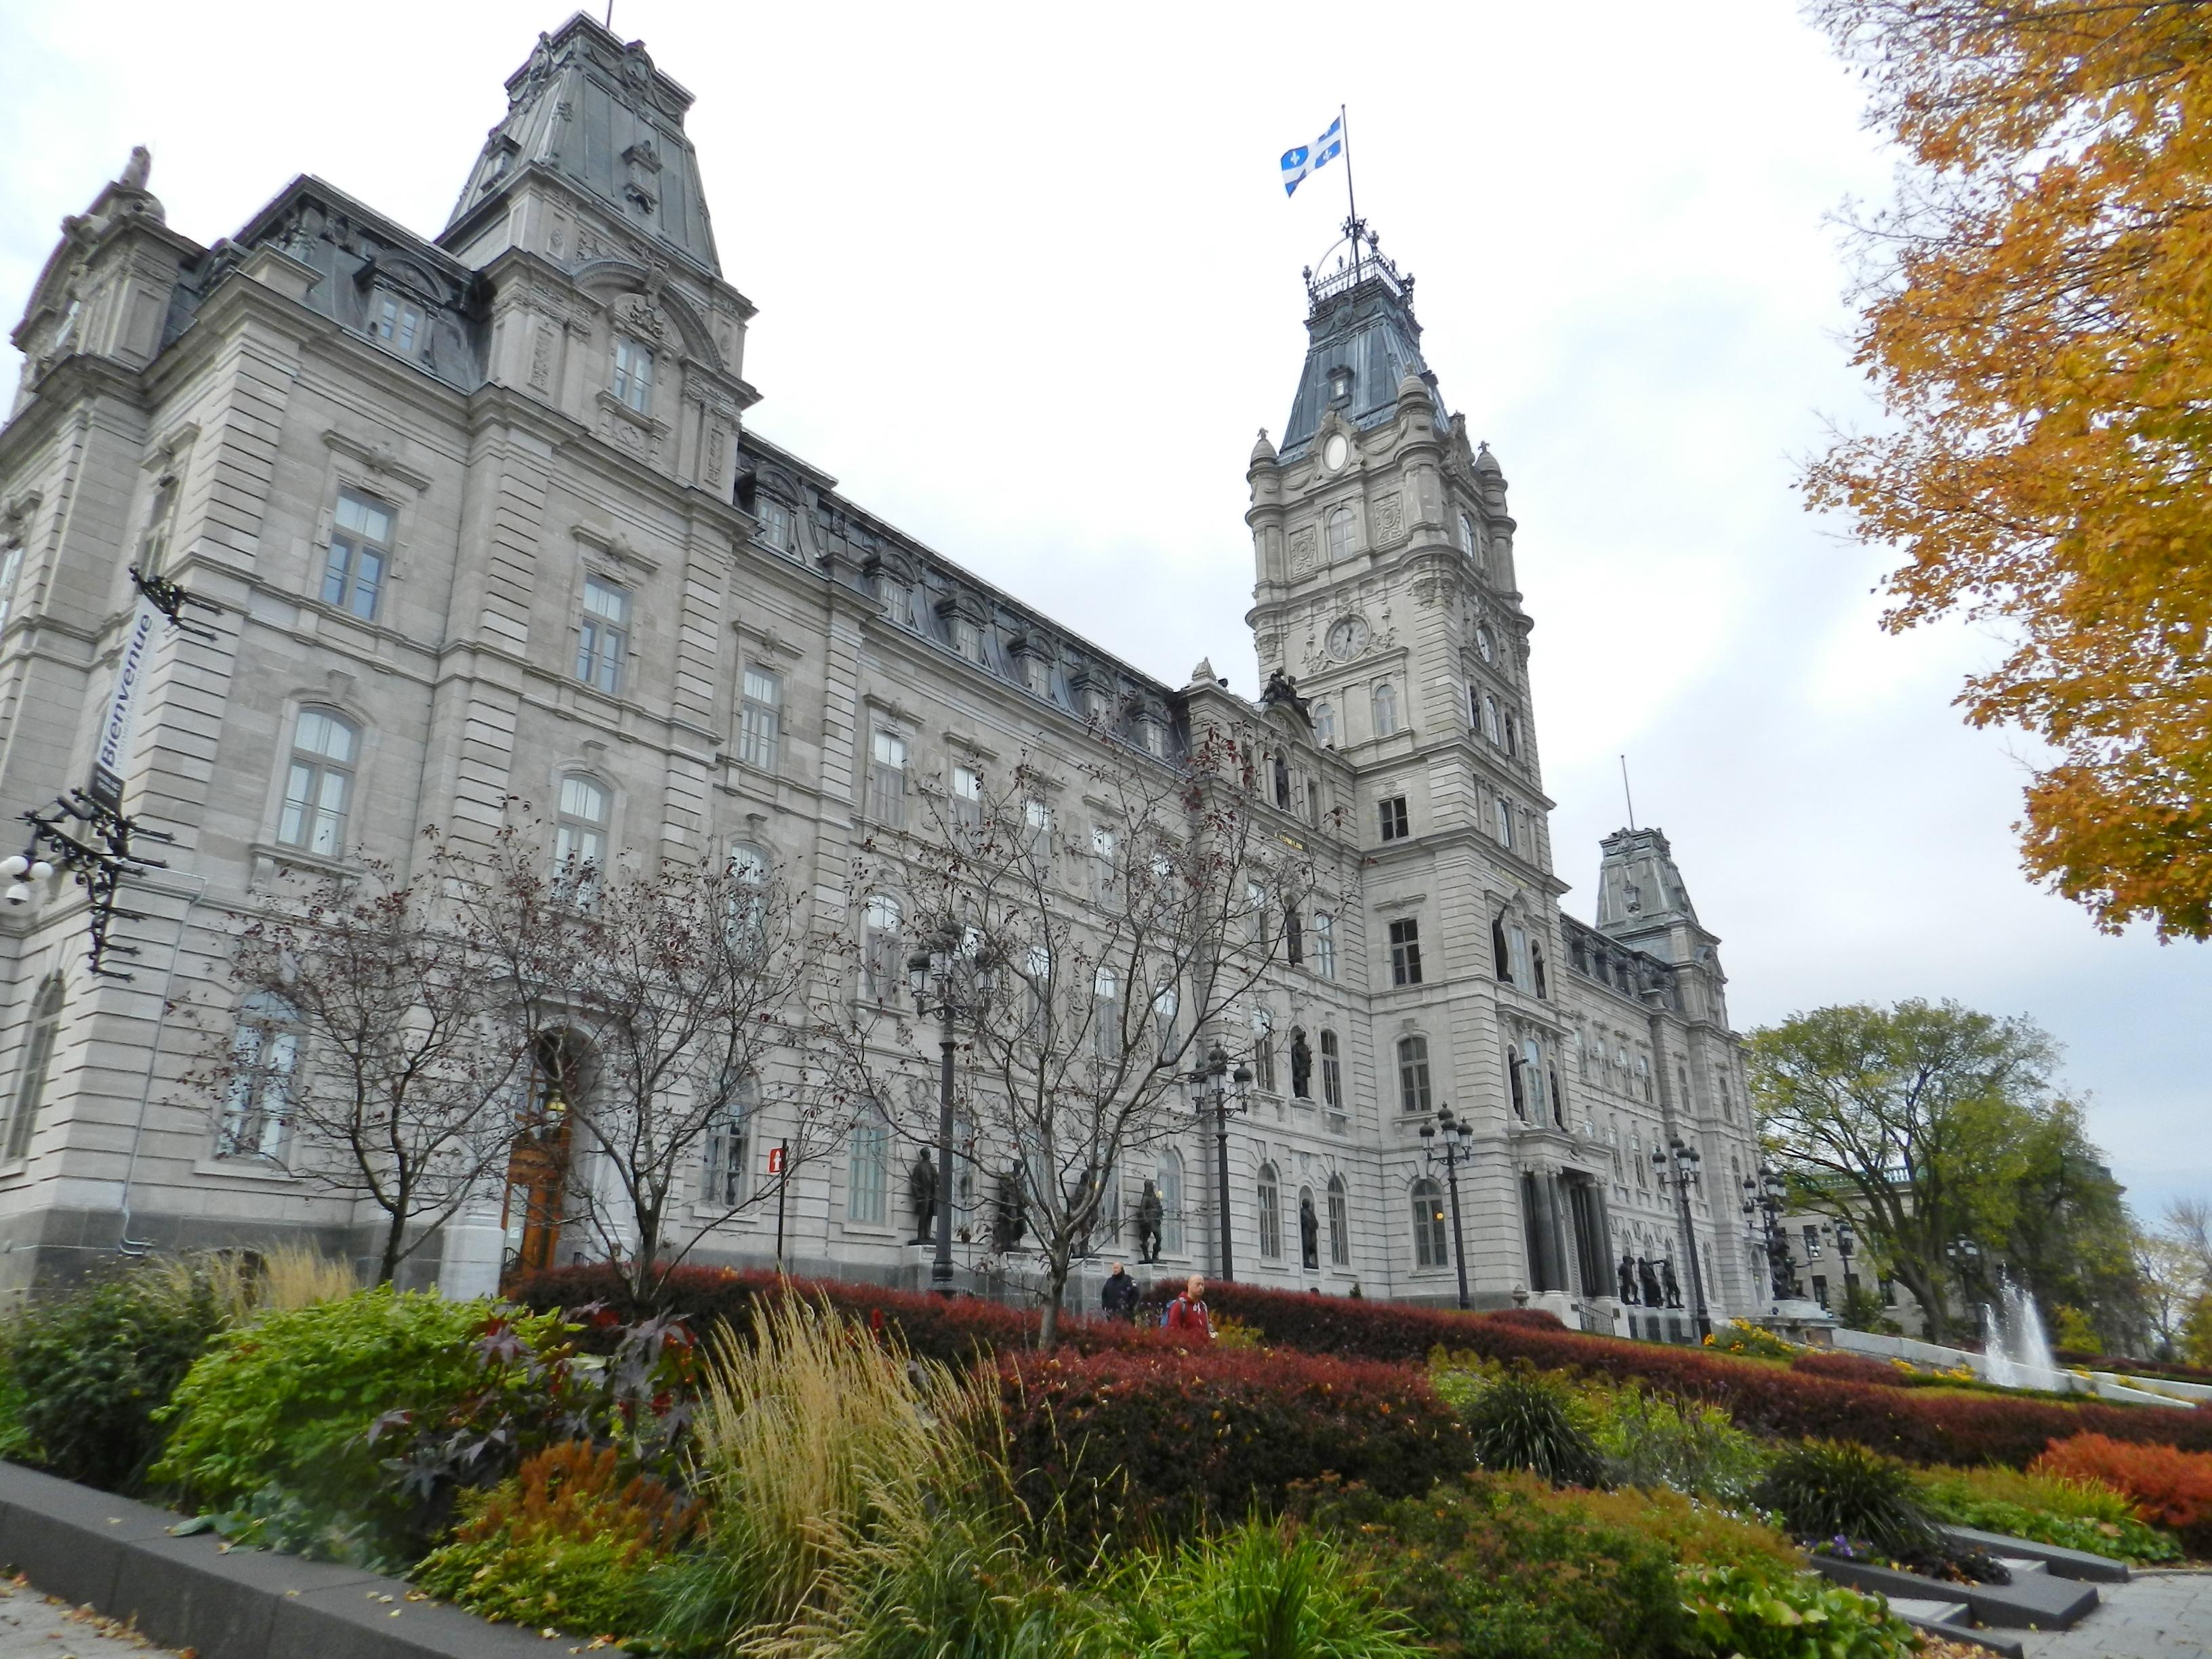 Quebec_argazki.JPG